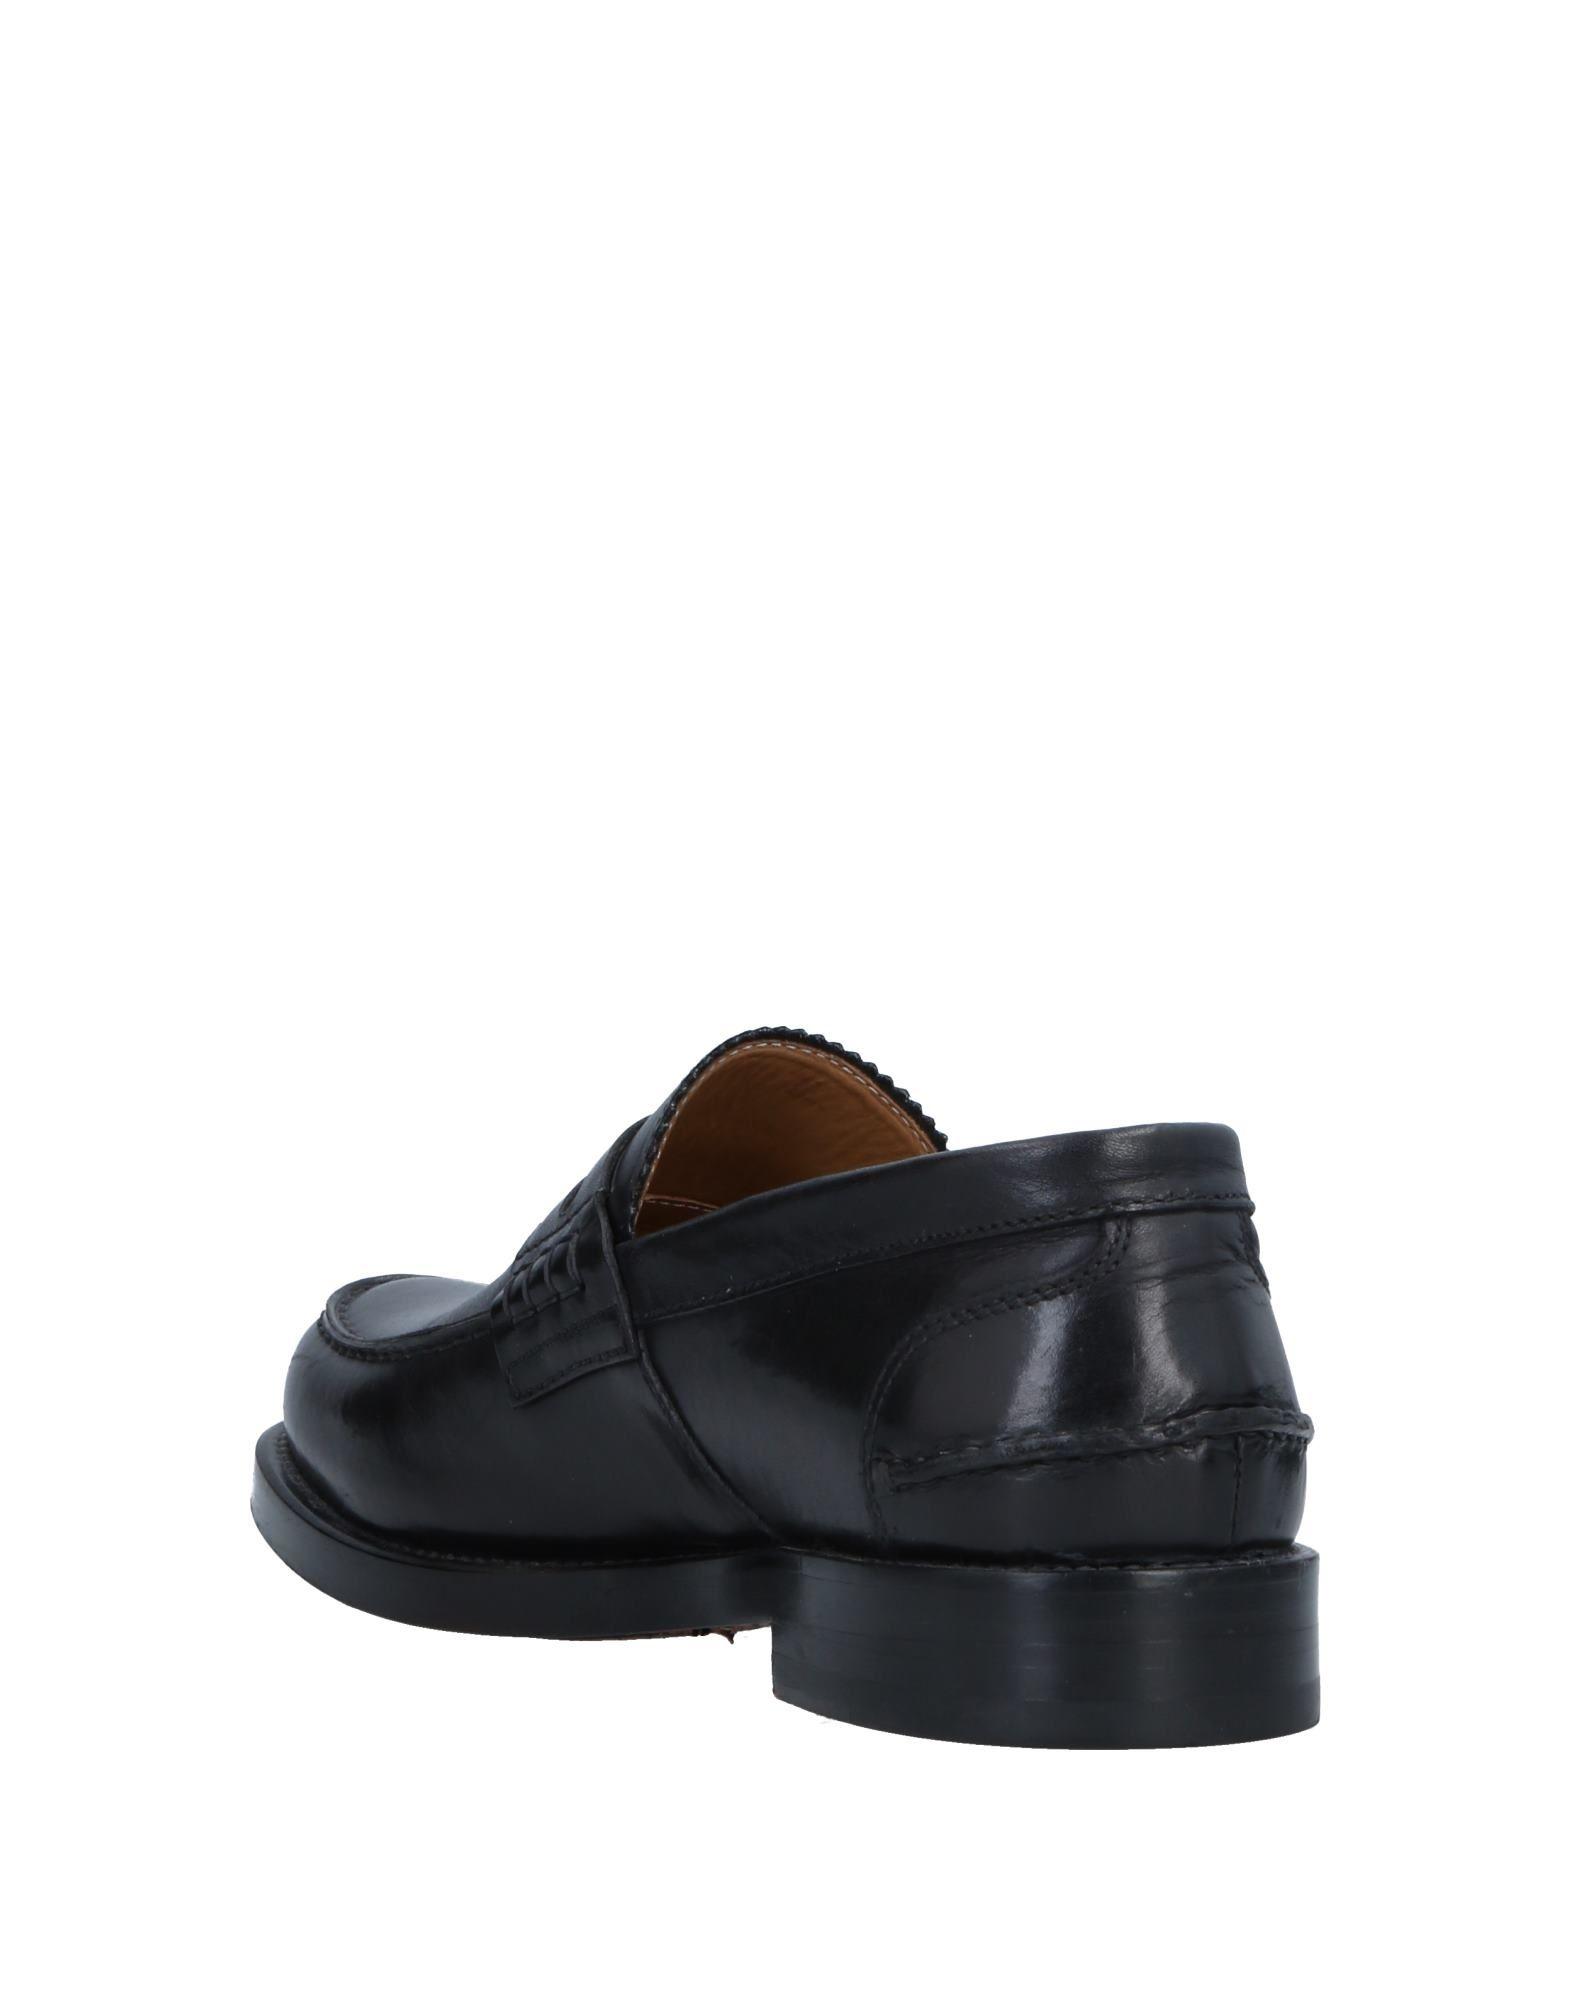 Rabatt echte Schuhe  Angelo Nardelli Mokassins Herren  Schuhe 11544774HO da7a32